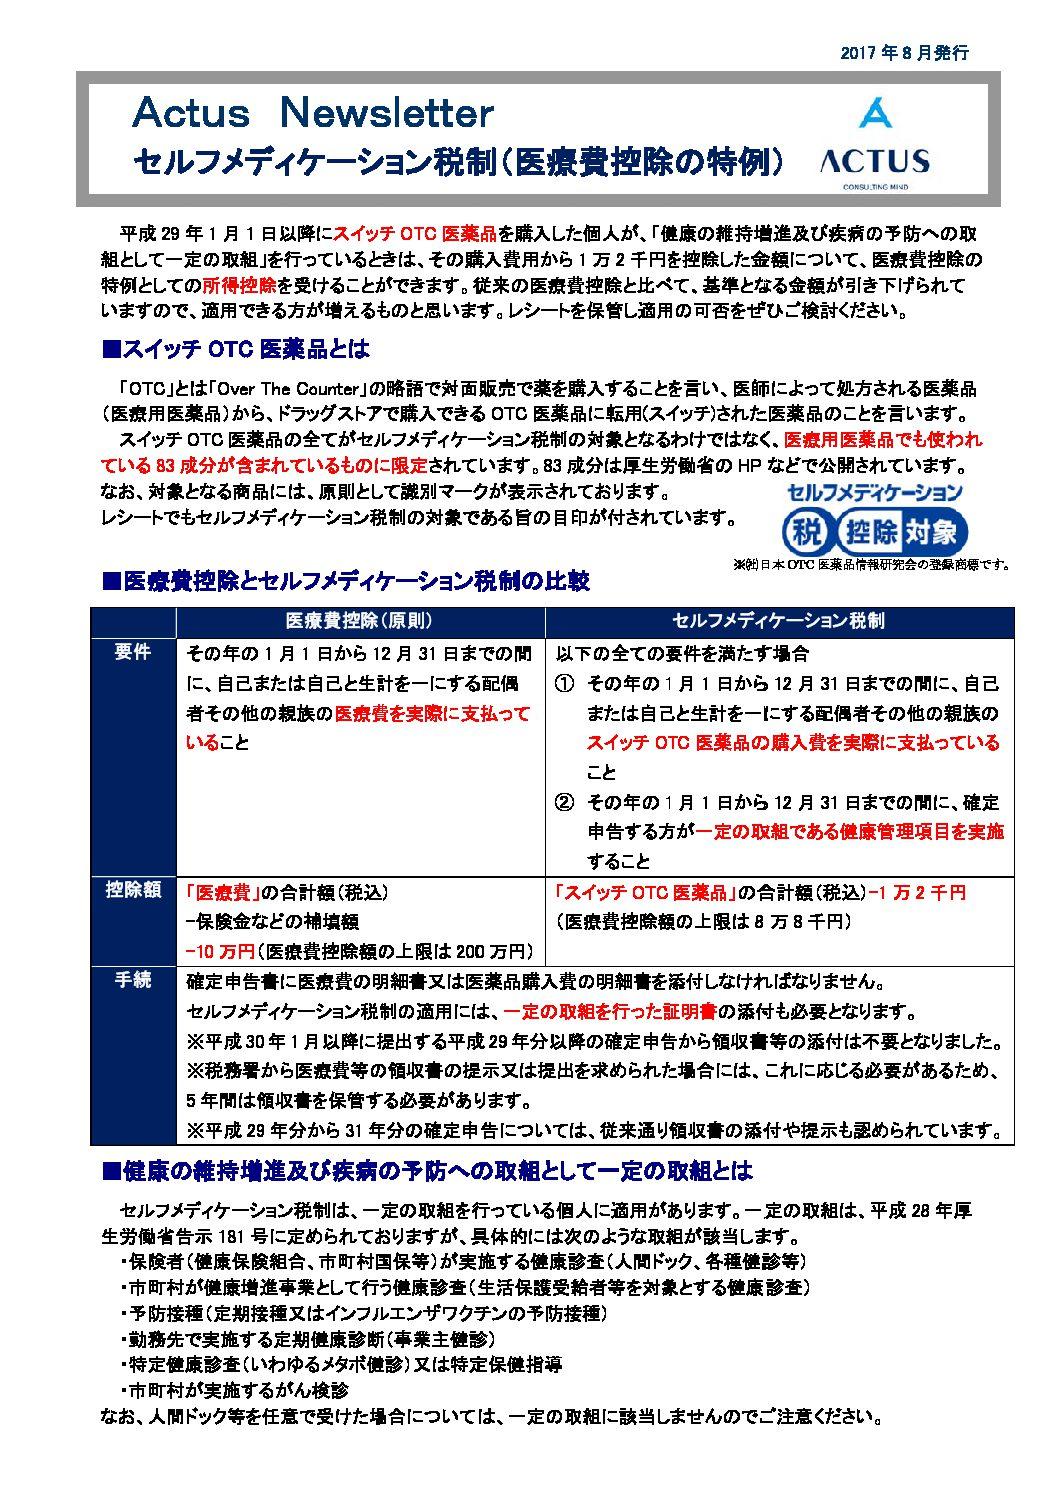 セルフメディケーション税制(医療費控除の特例)